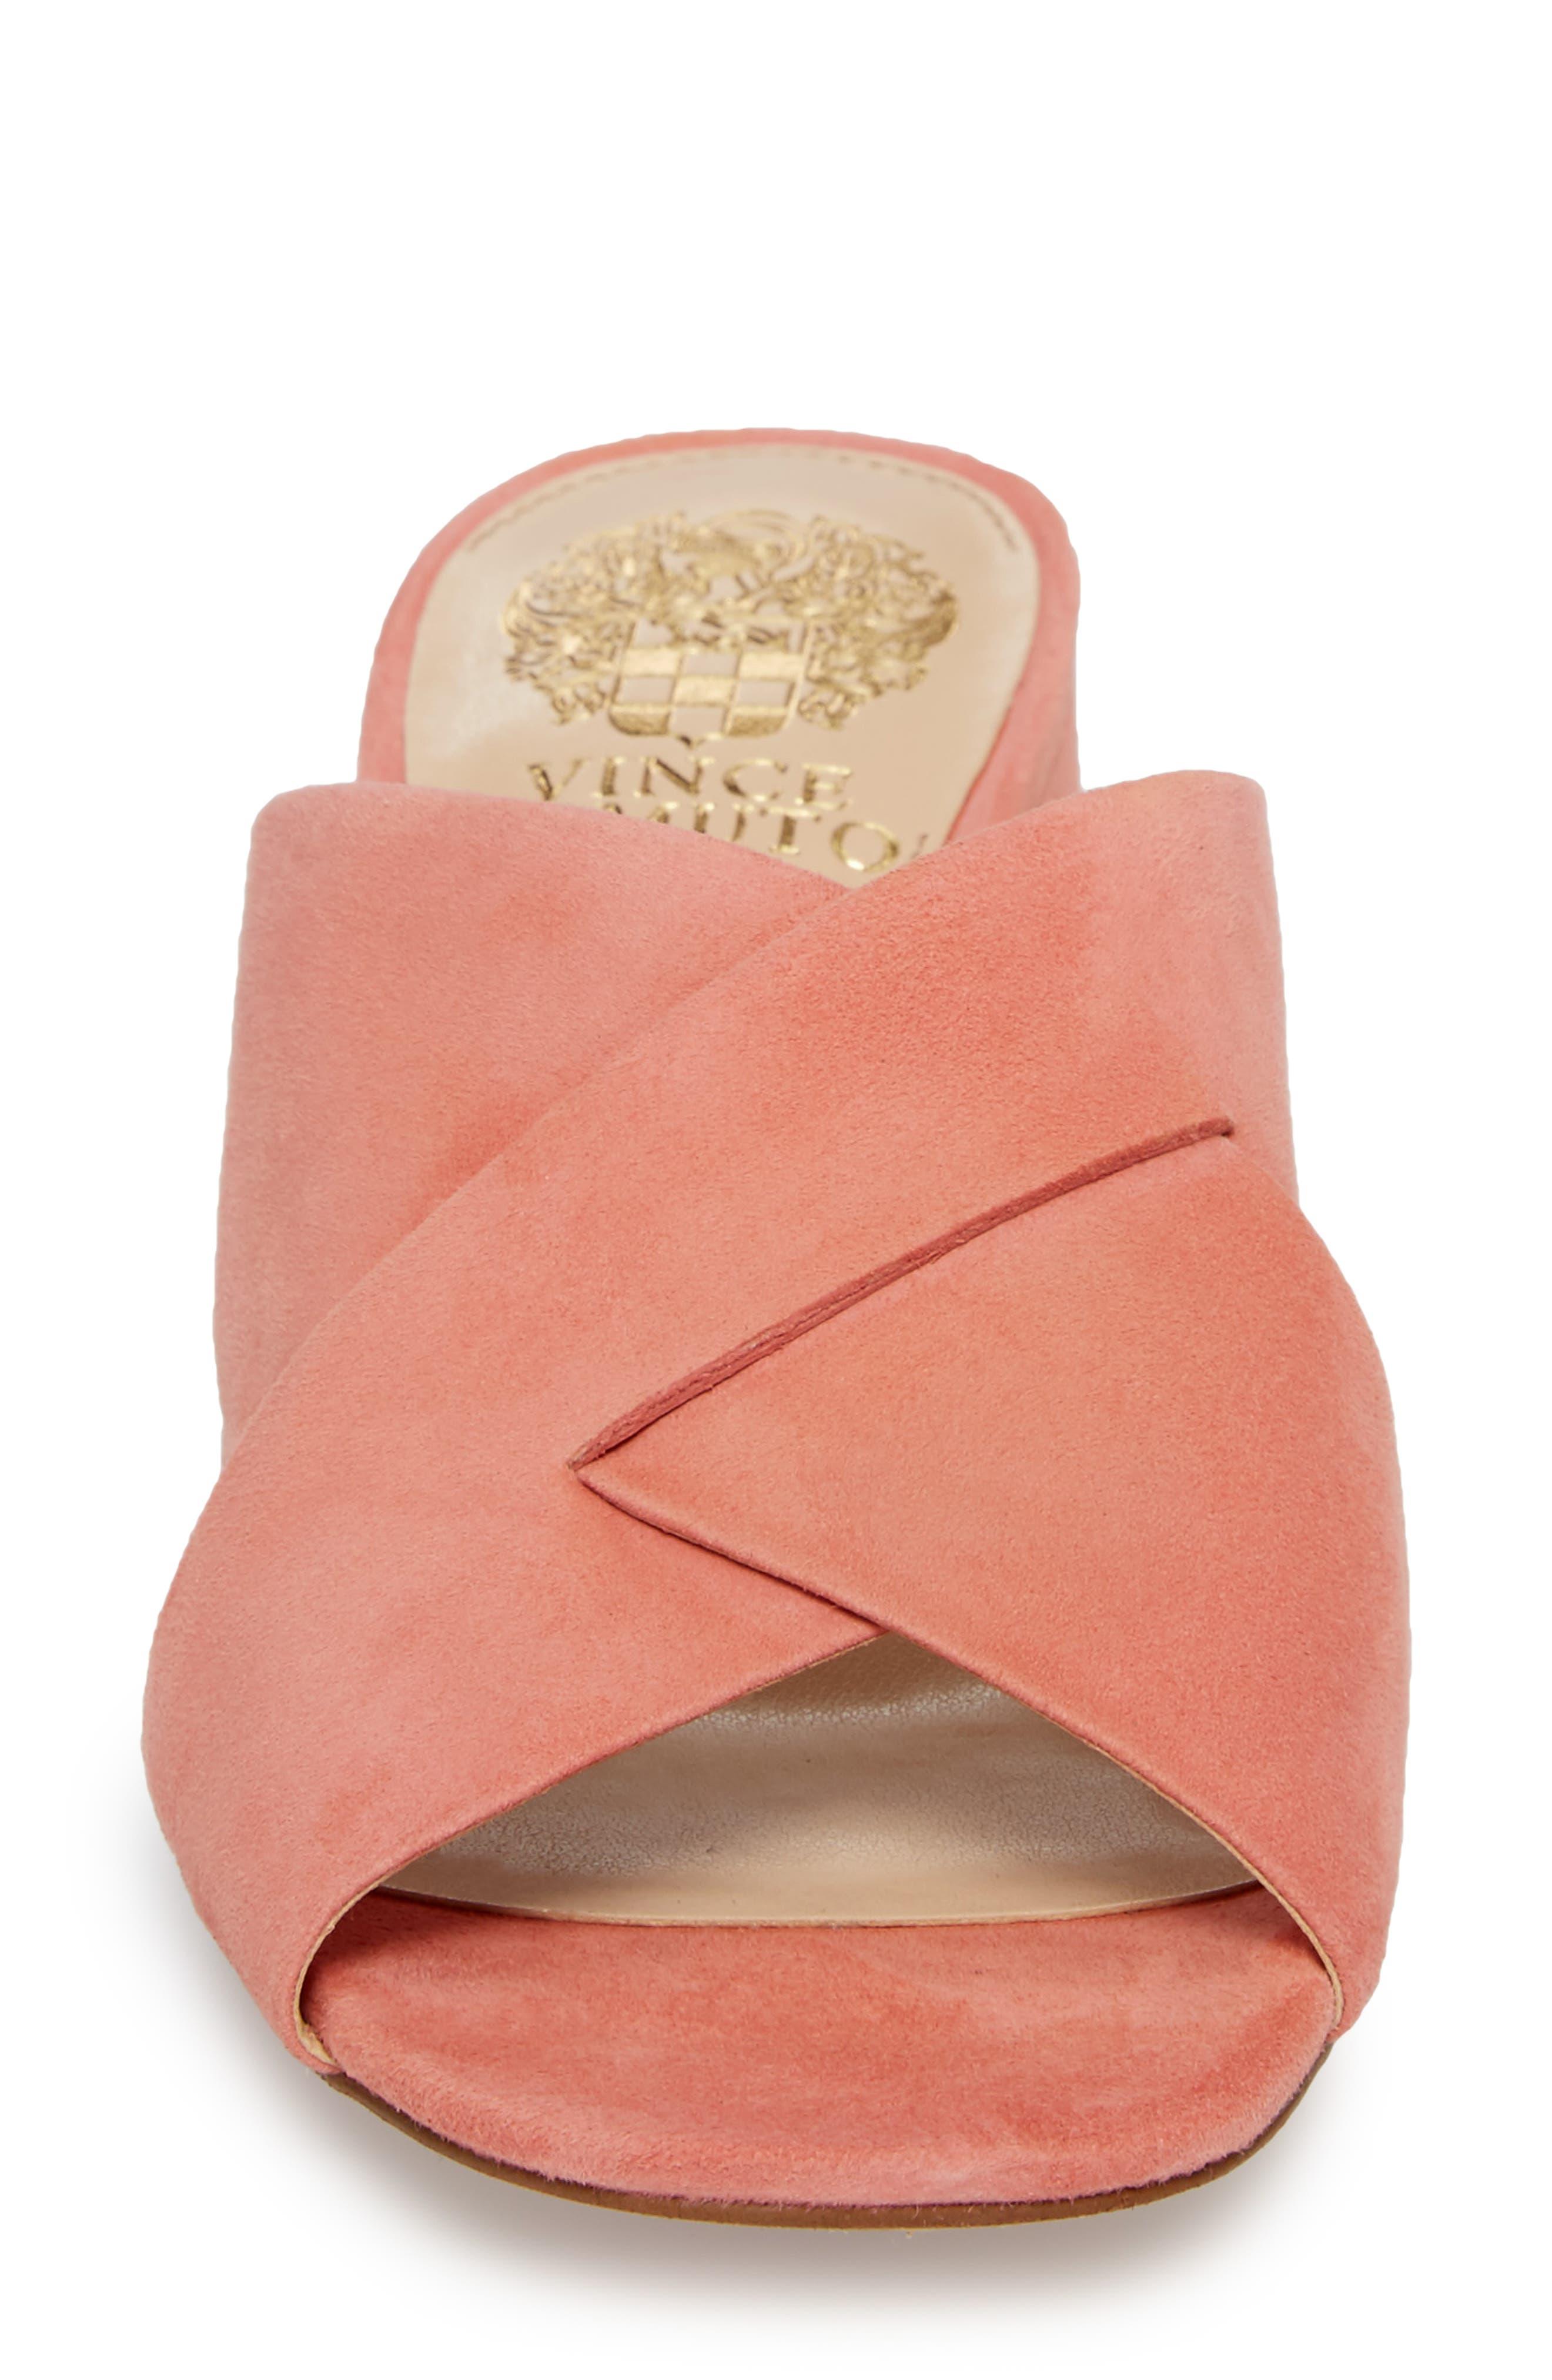 Stania Sandal,                             Alternate thumbnail 4, color,                             Fancy Flamingo Suede